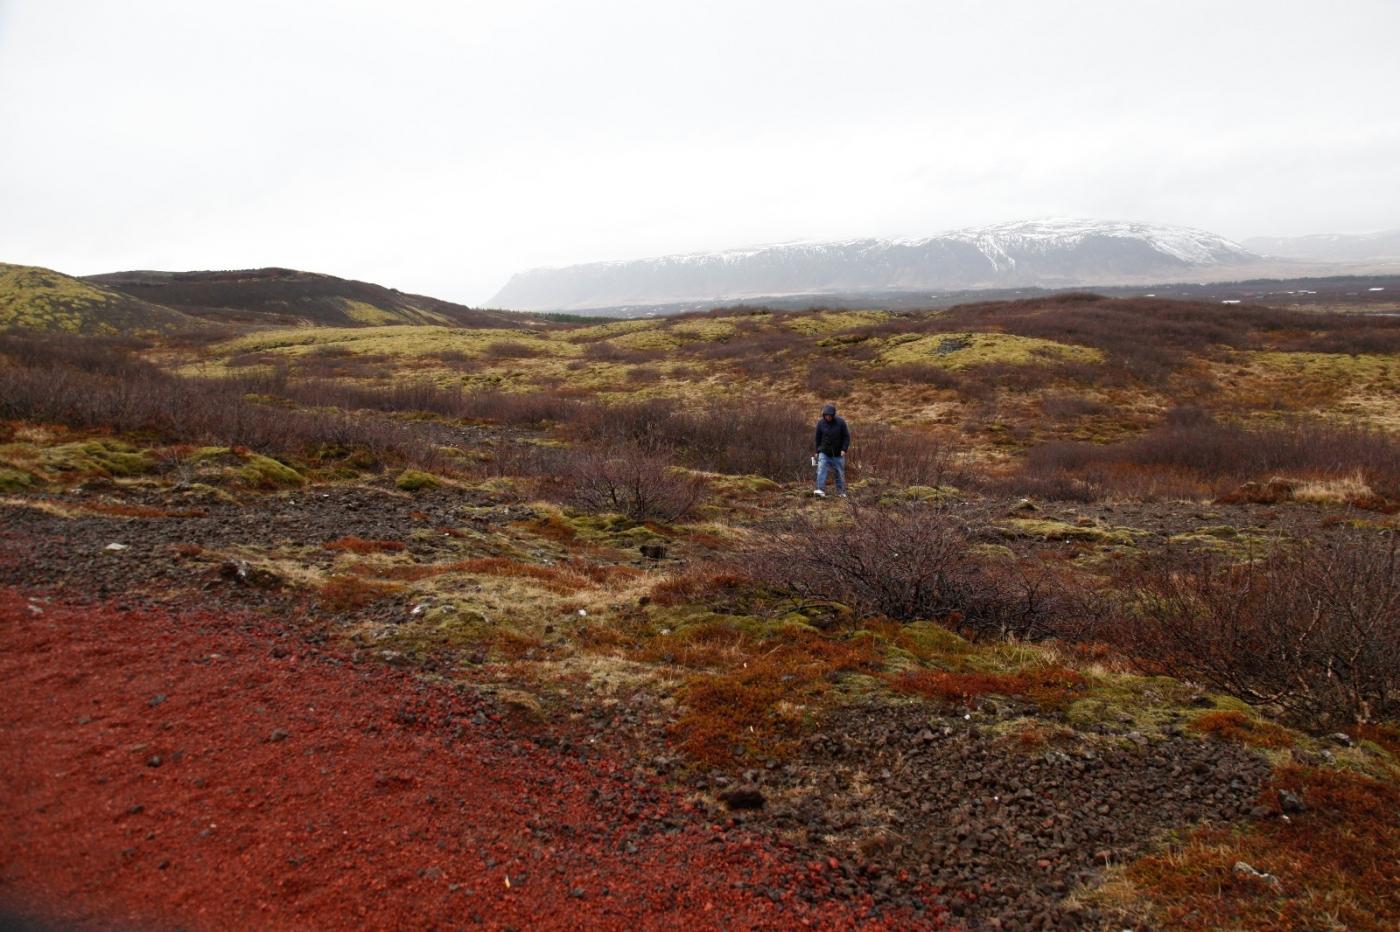 冰岛异国风情_图1-16